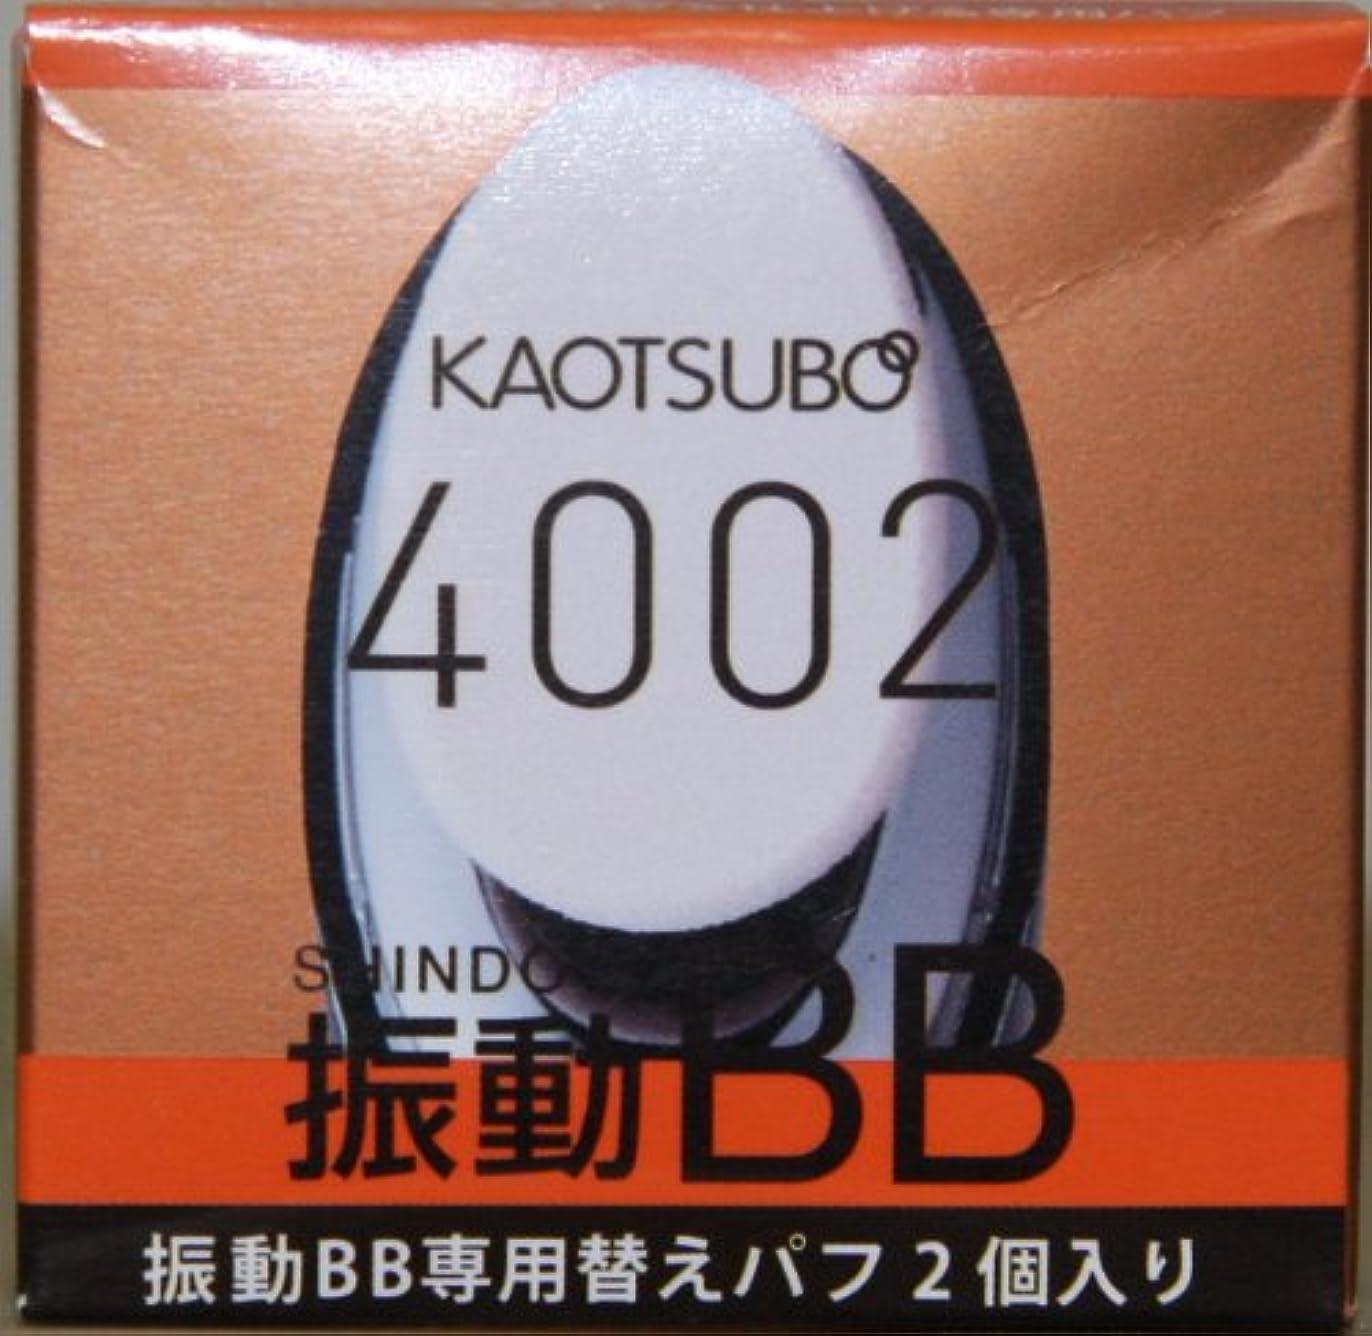 文芸にんじん移民4002 振動BB 専用パフ (交換用2個)